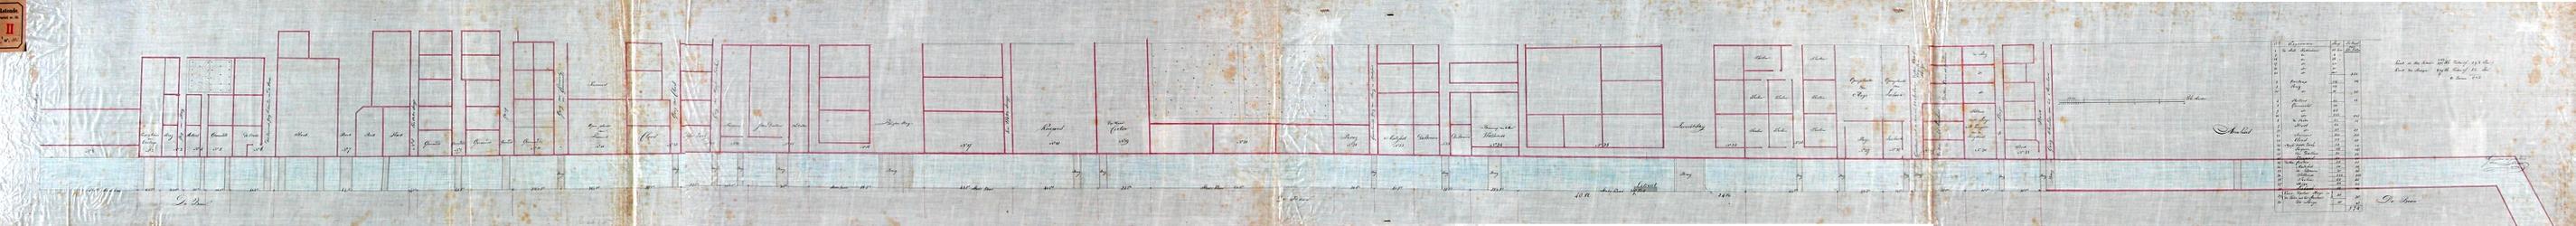 RT-II-102 Opmeting van de Binnenvest en de breedte van de aan de Baan gelegen percelen tussen de Schildersteeg en het ...